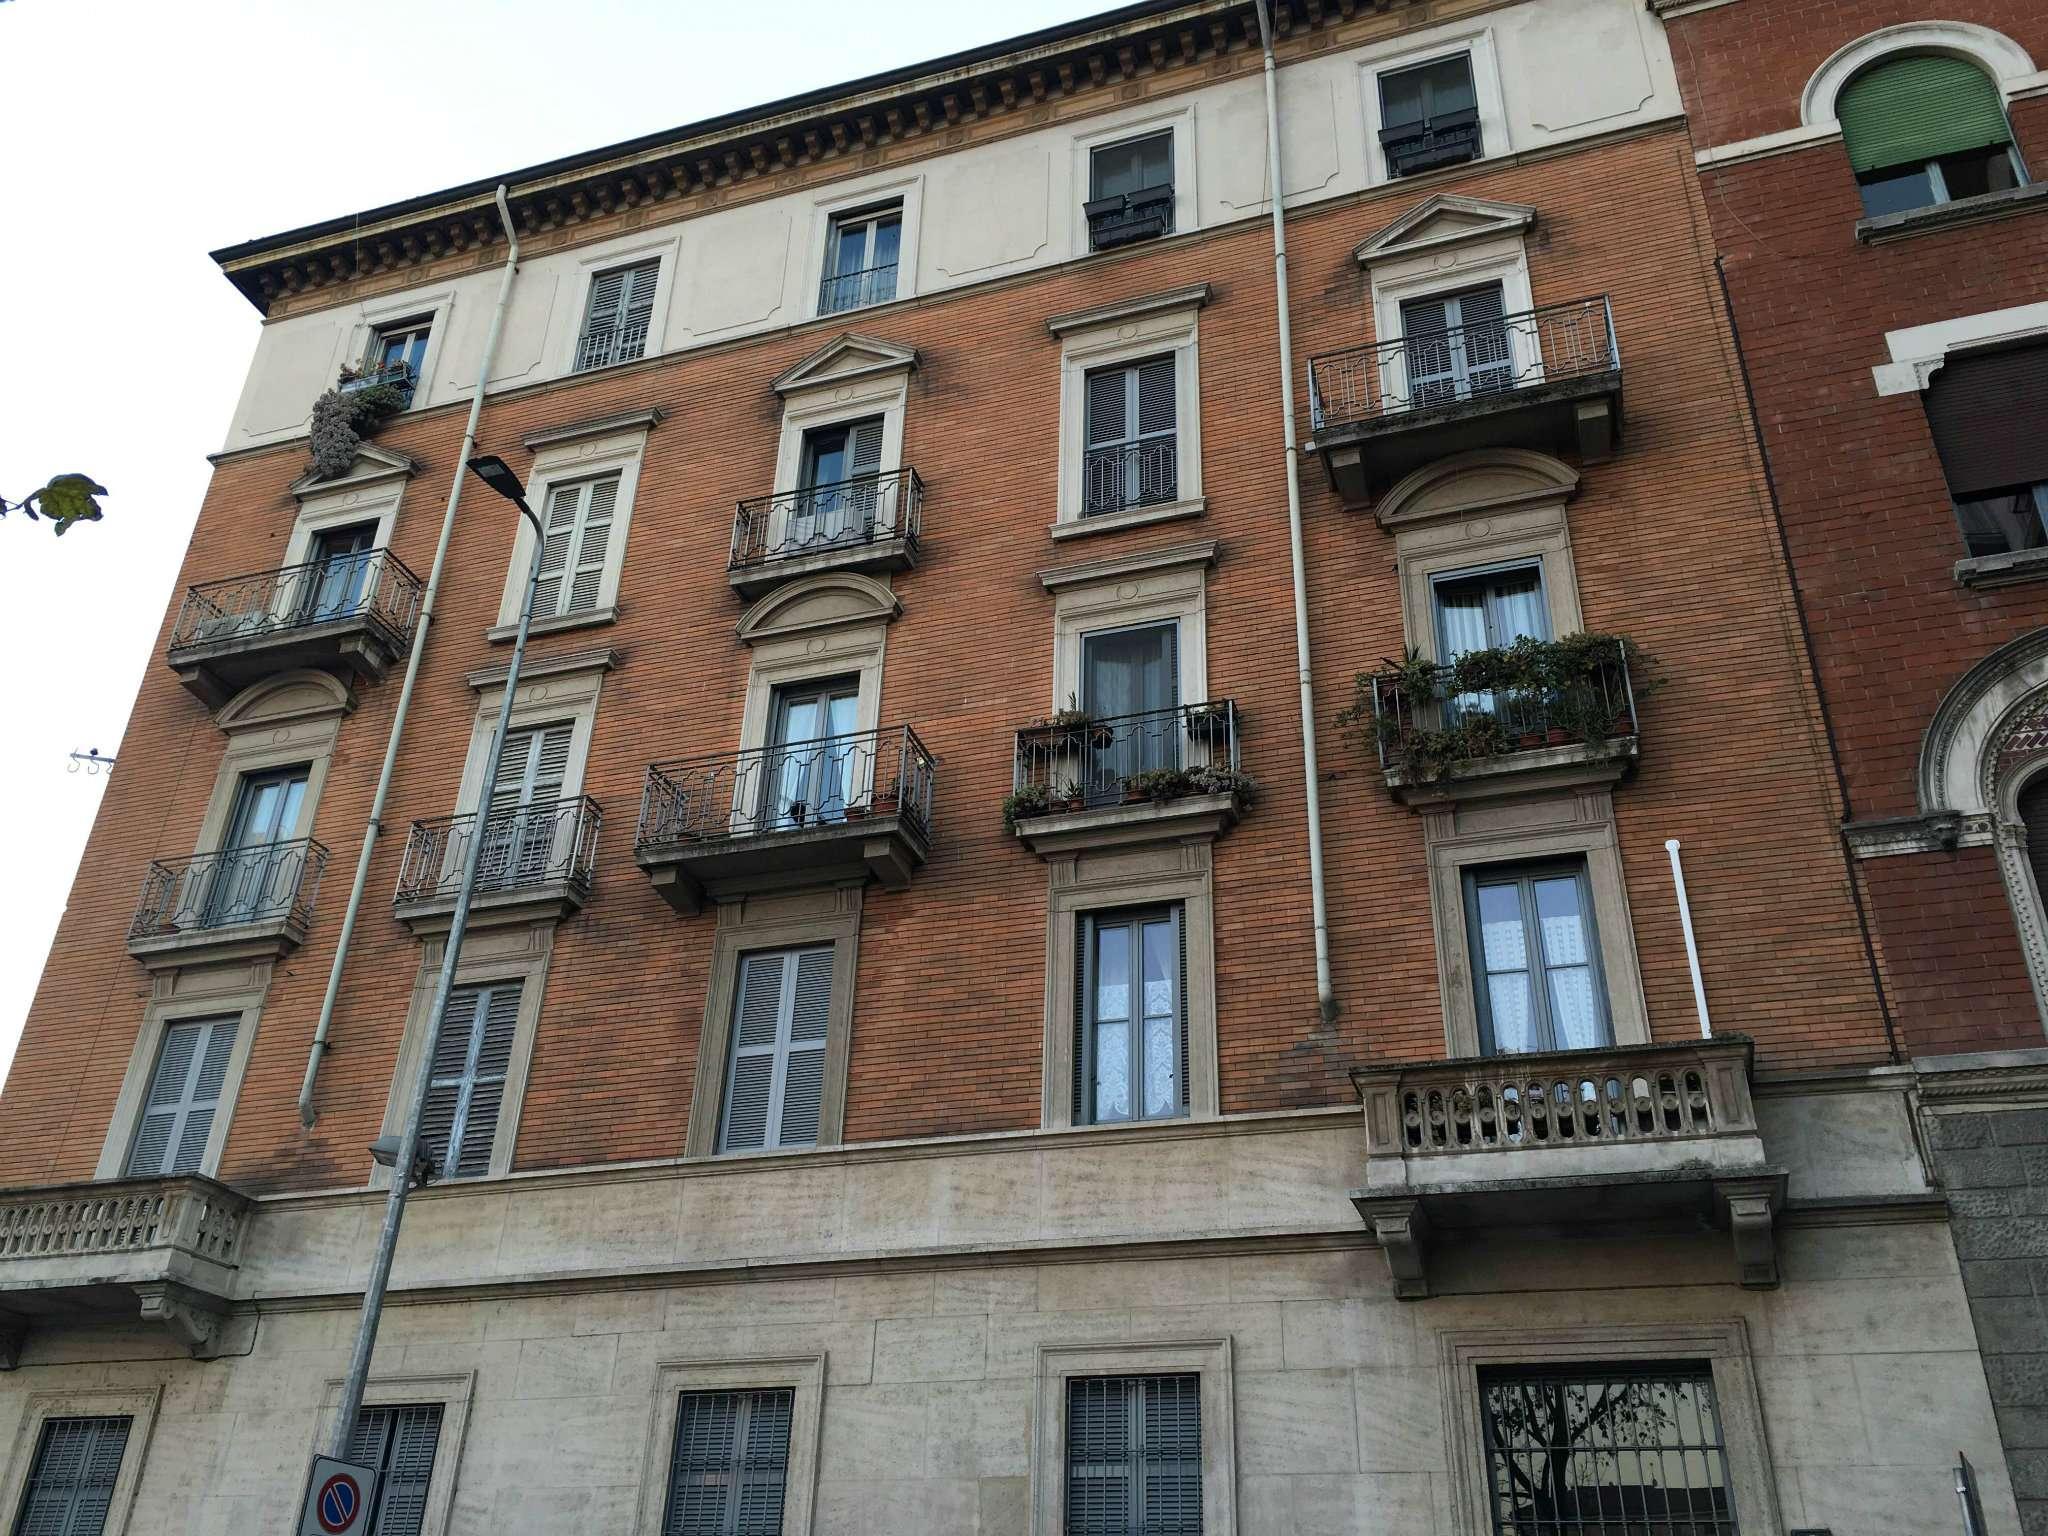 Appartamento in vendita a Milano, 3 locali, zona Zona: 1 . Centro Storico, Duomo, Brera, Cadorna, Cattolica, prezzo € 680.000 | Cambio Casa.it